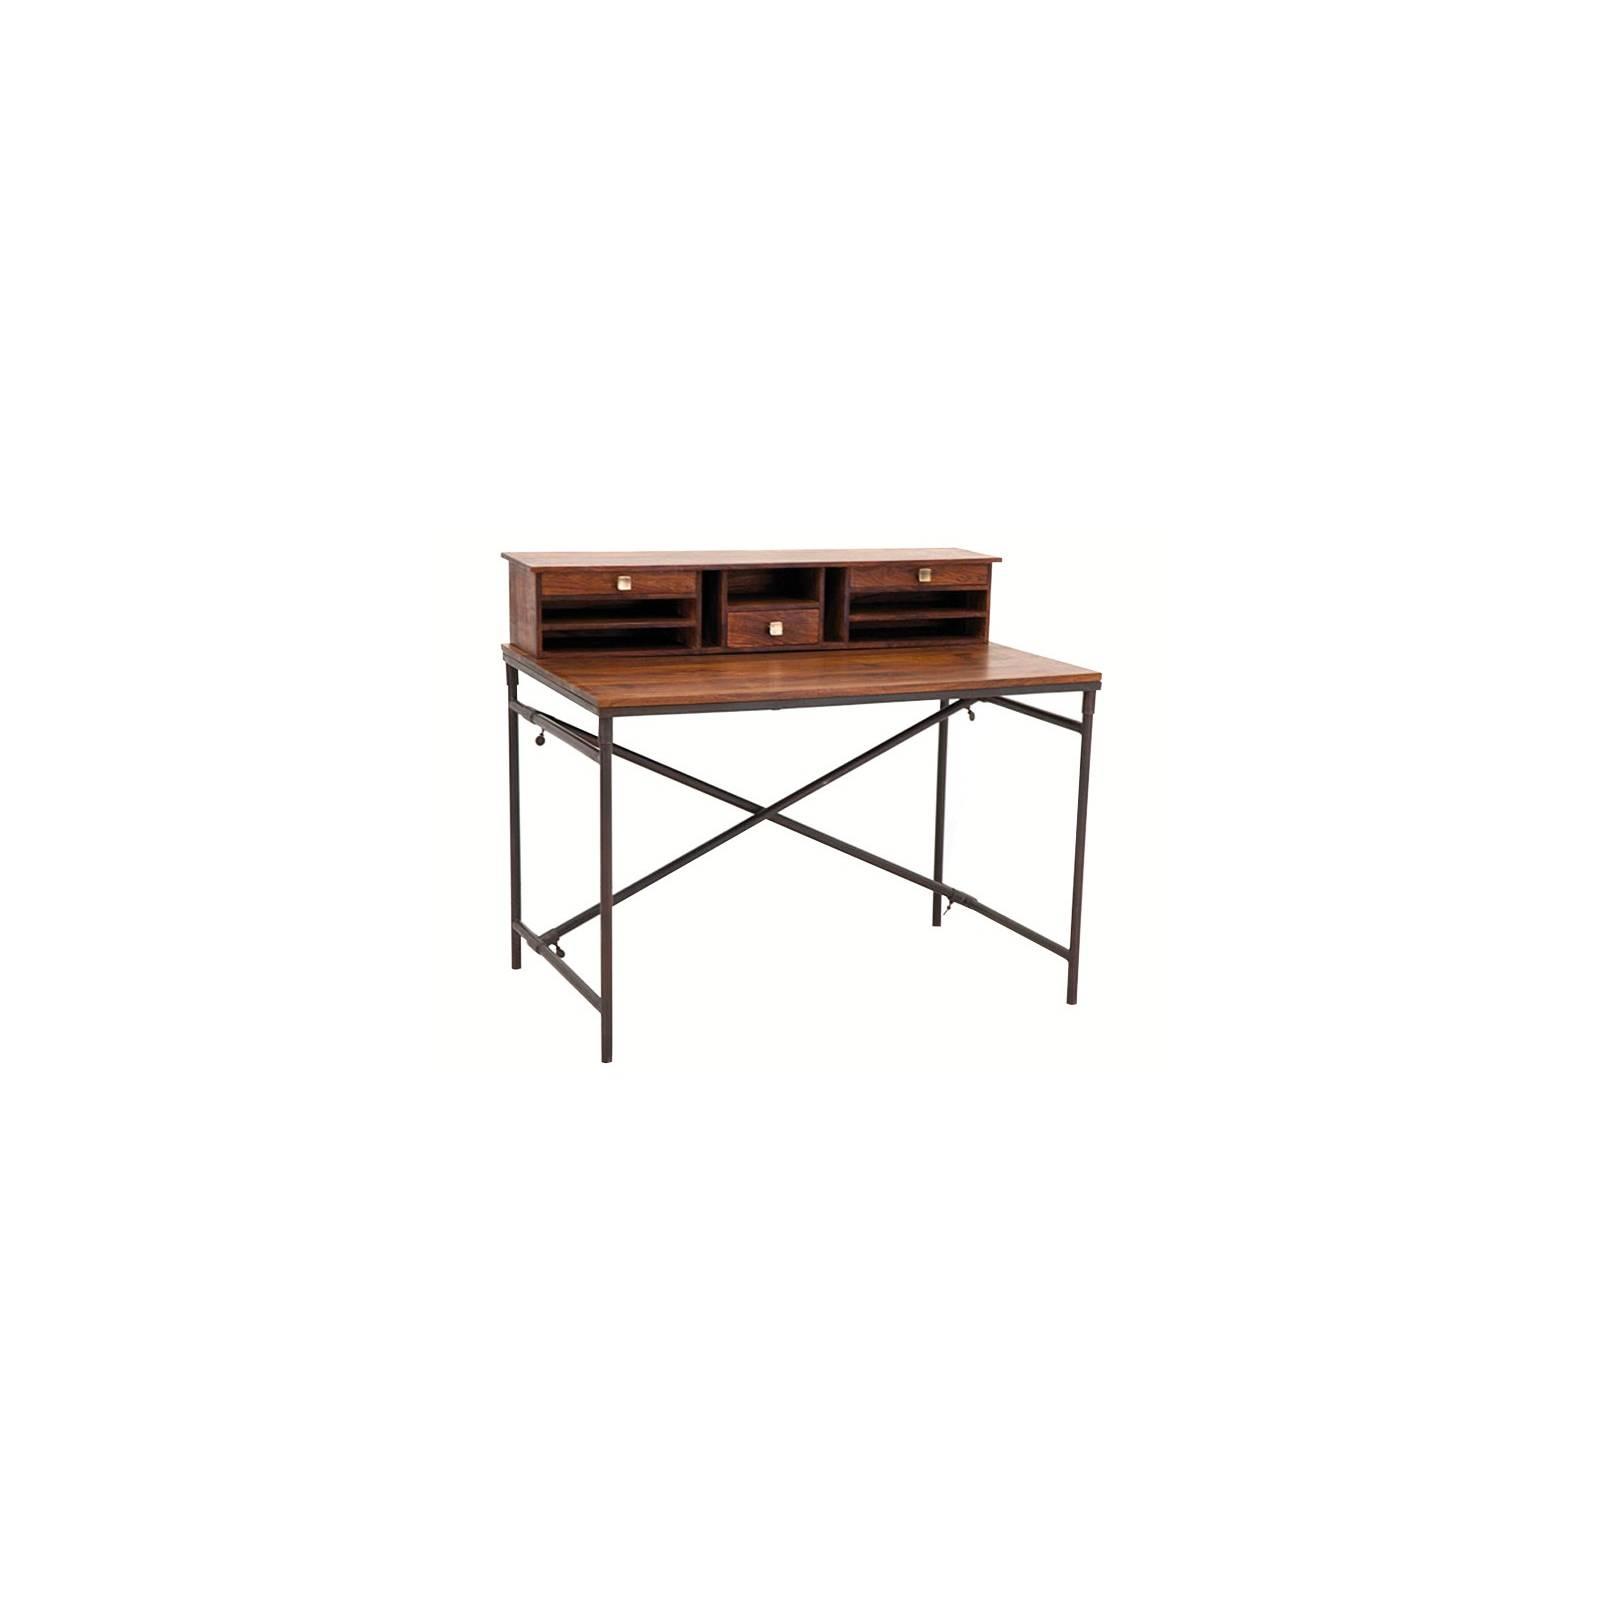 Secrétaire Loft Palissandre - meuble style industriel